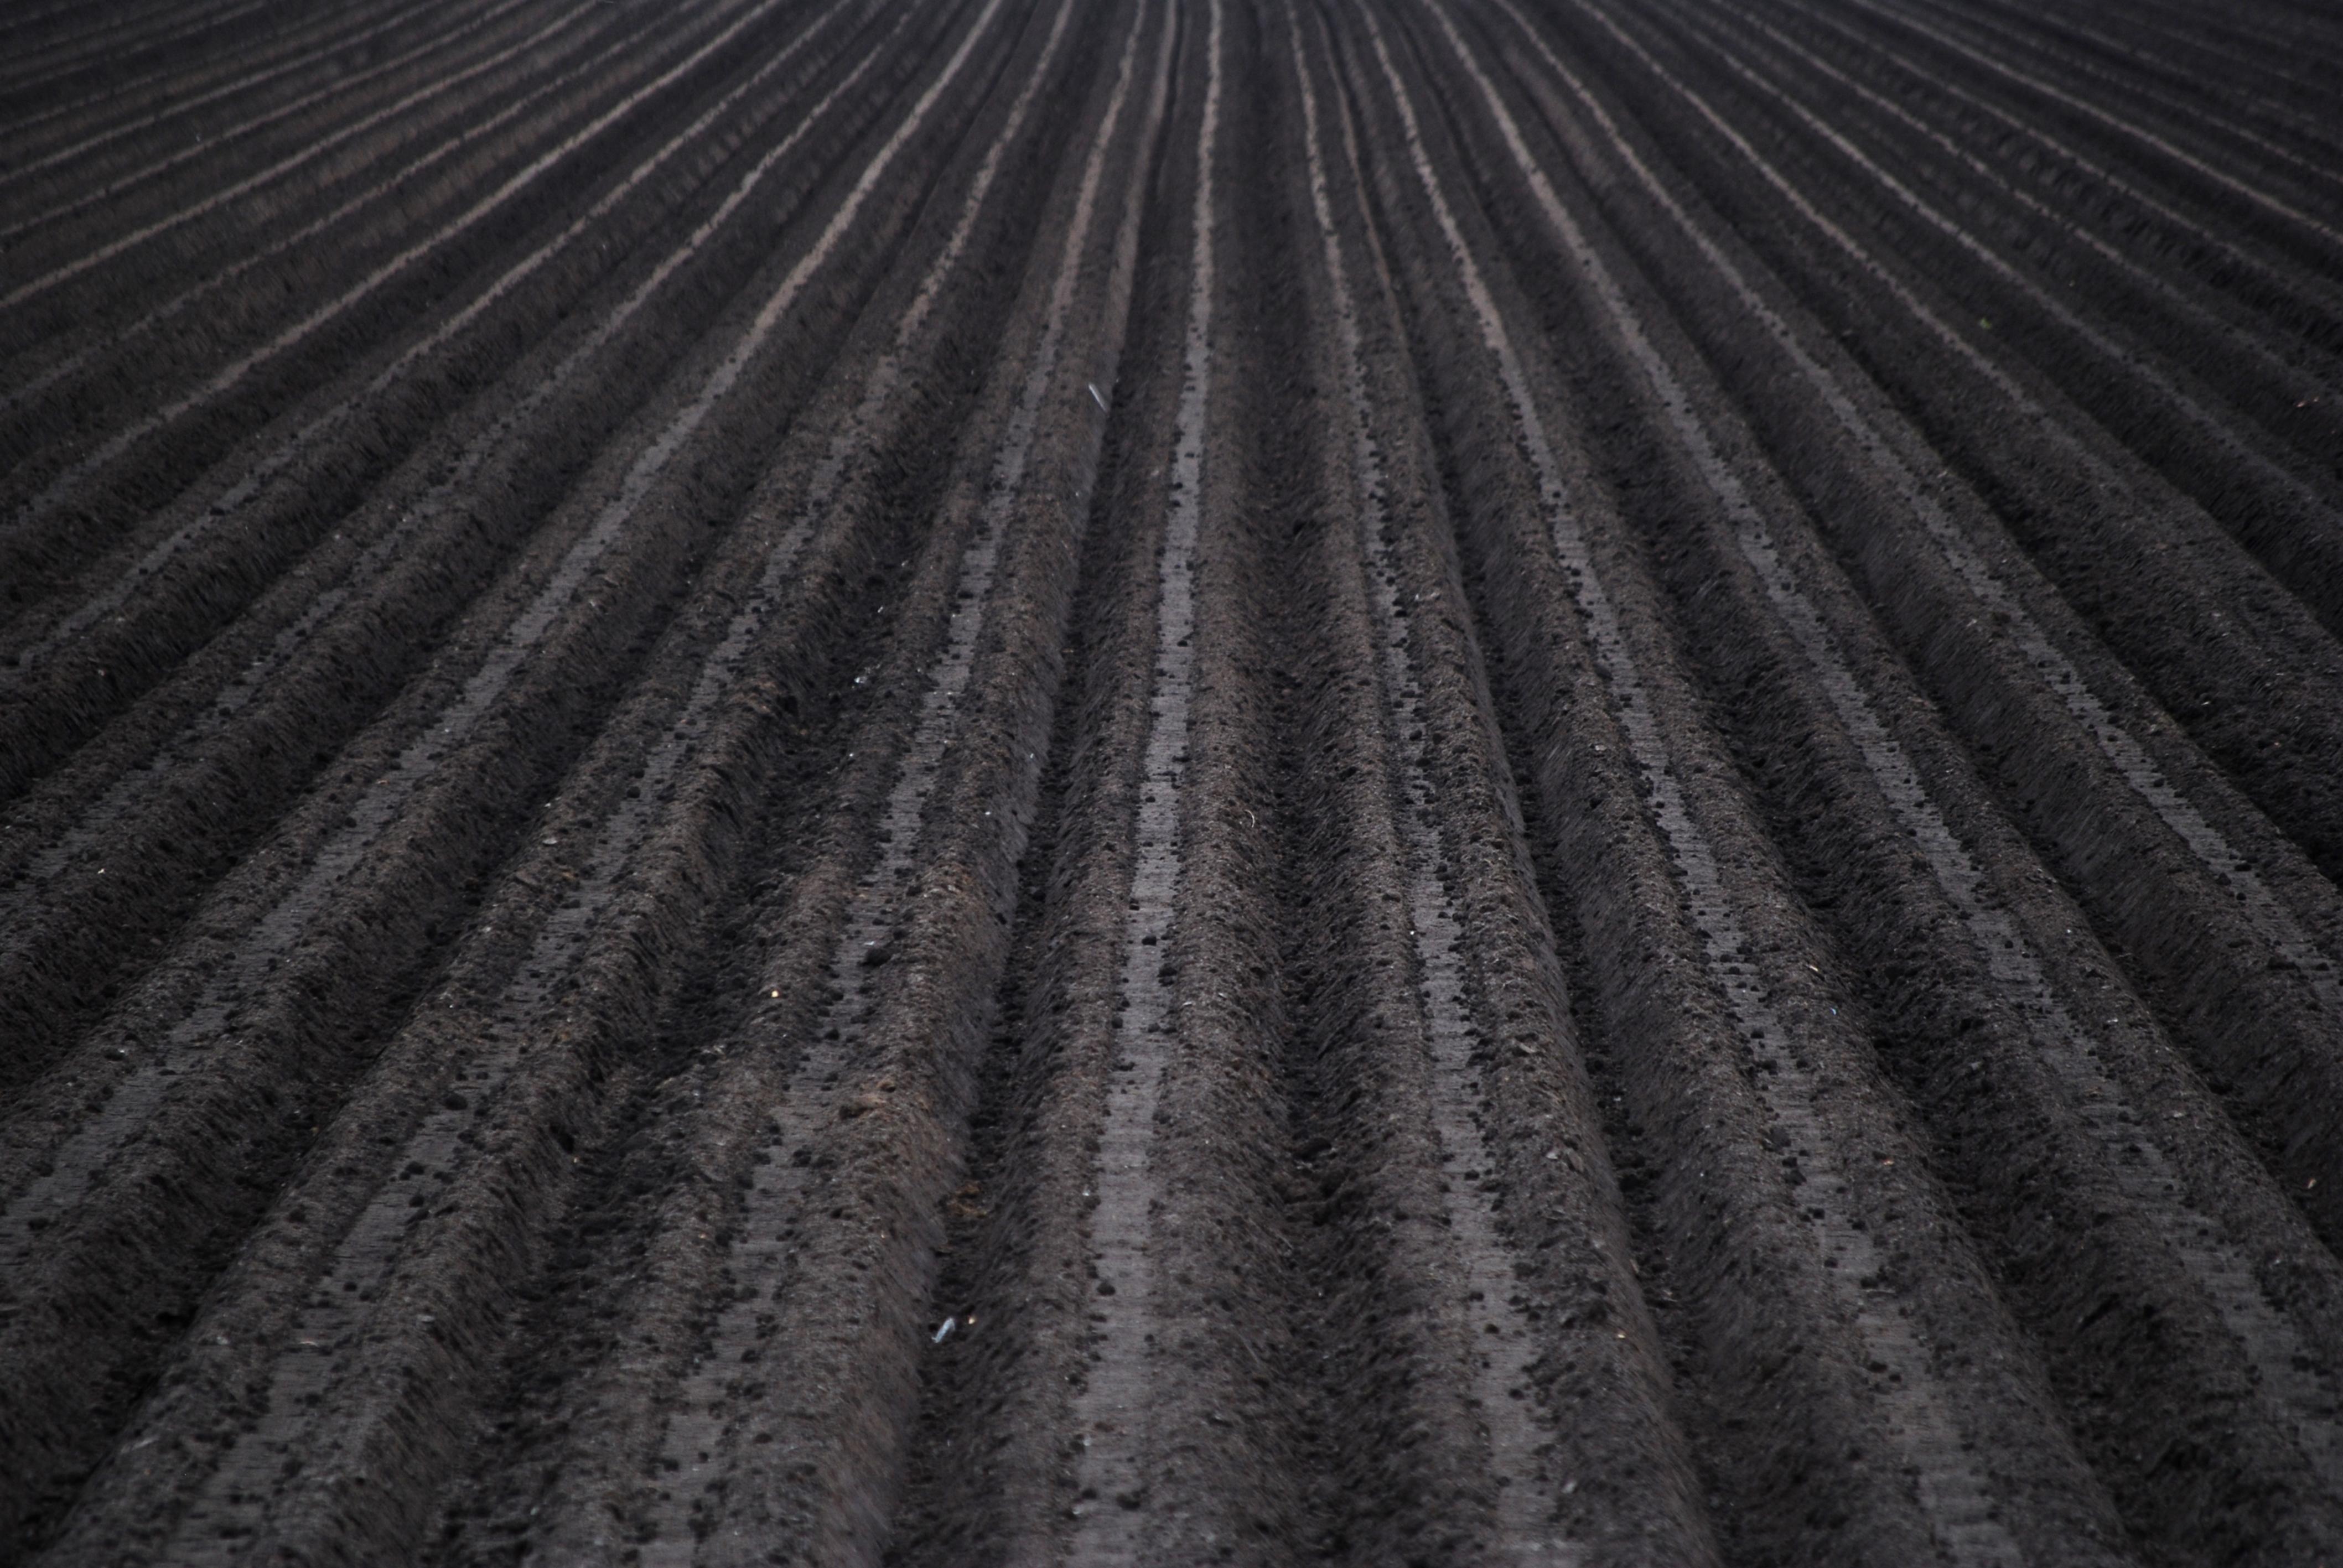 biochar farm soil fertility